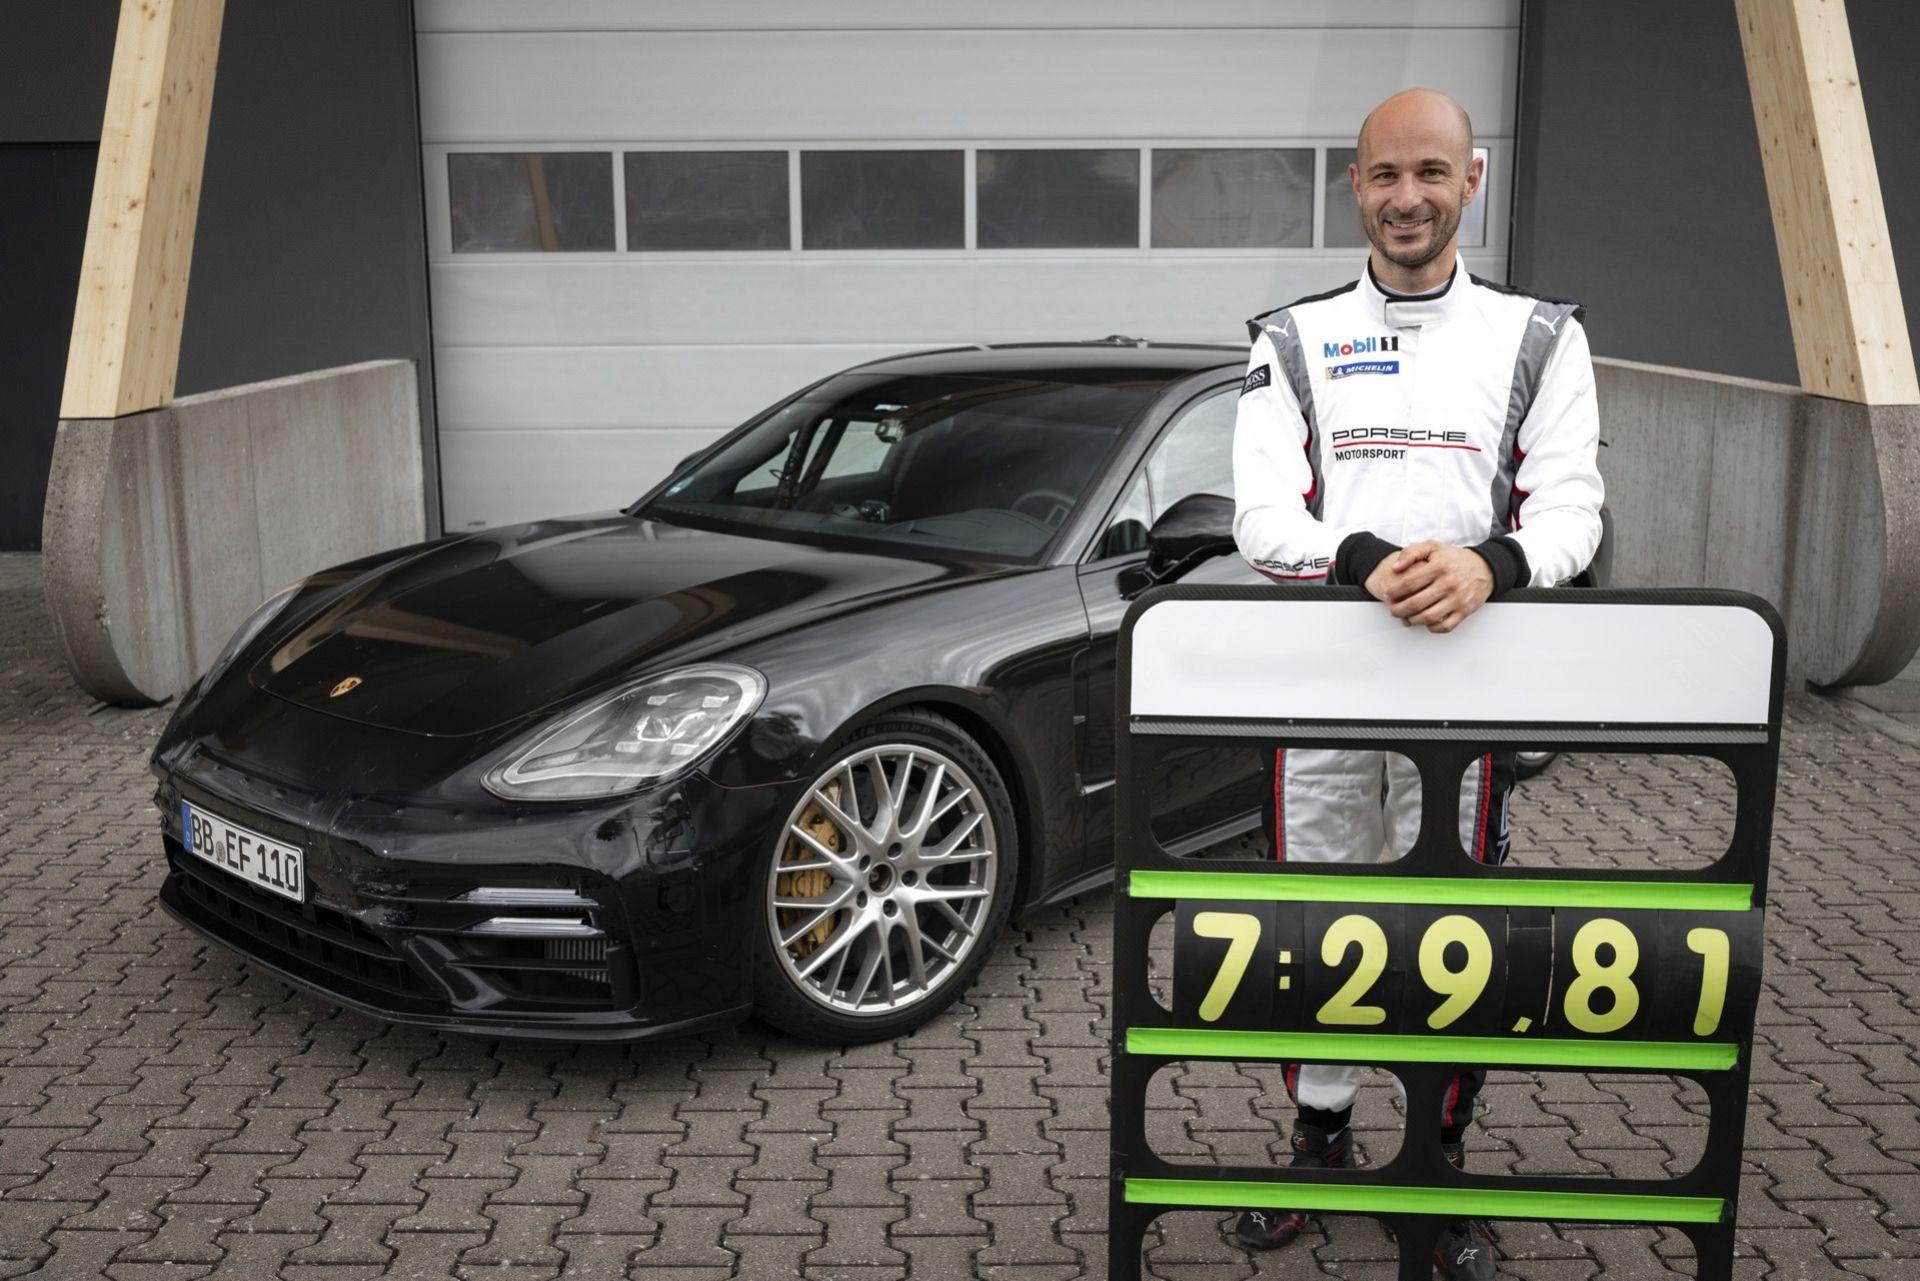 Nya Porsche Panamera slår lyxbils-rekord på Nürburgring